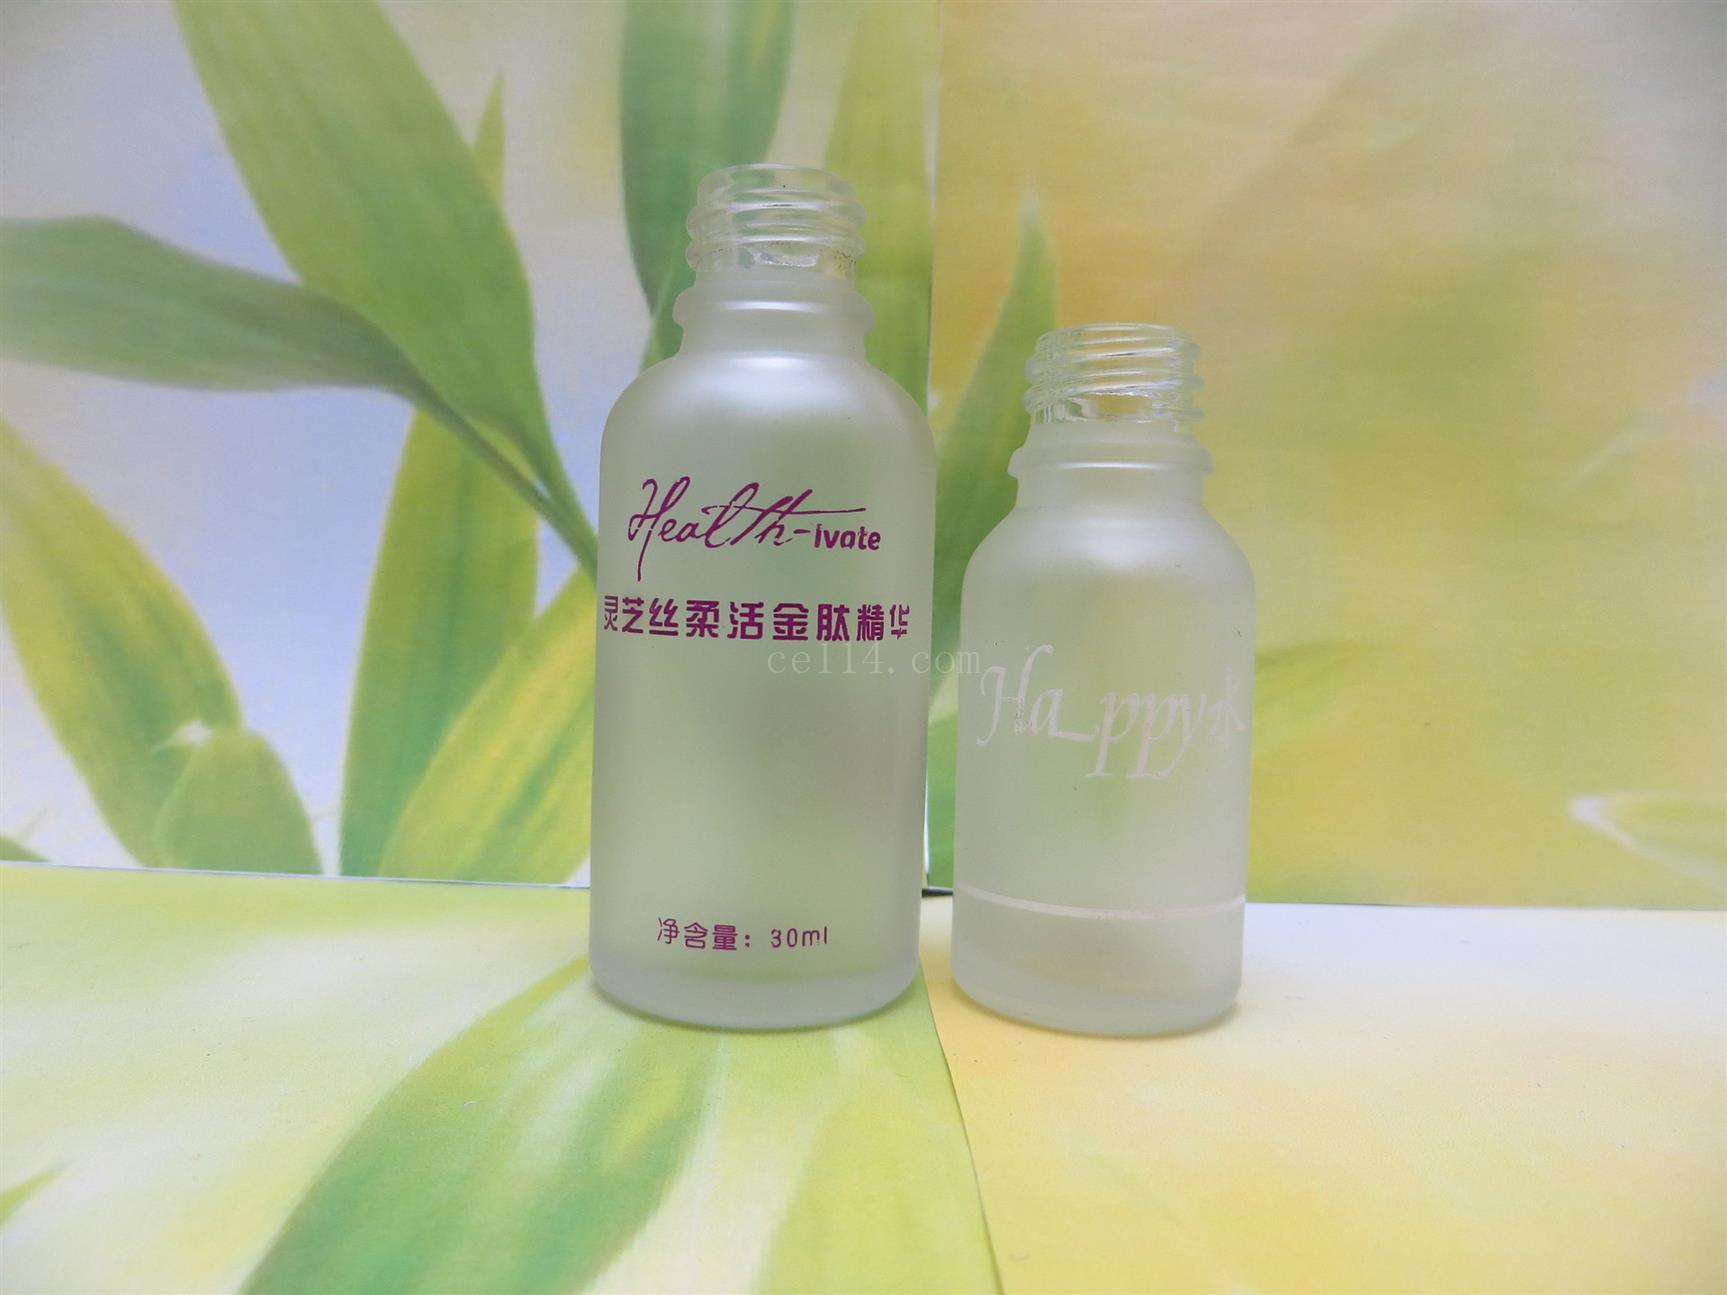 北京香水瓶厂